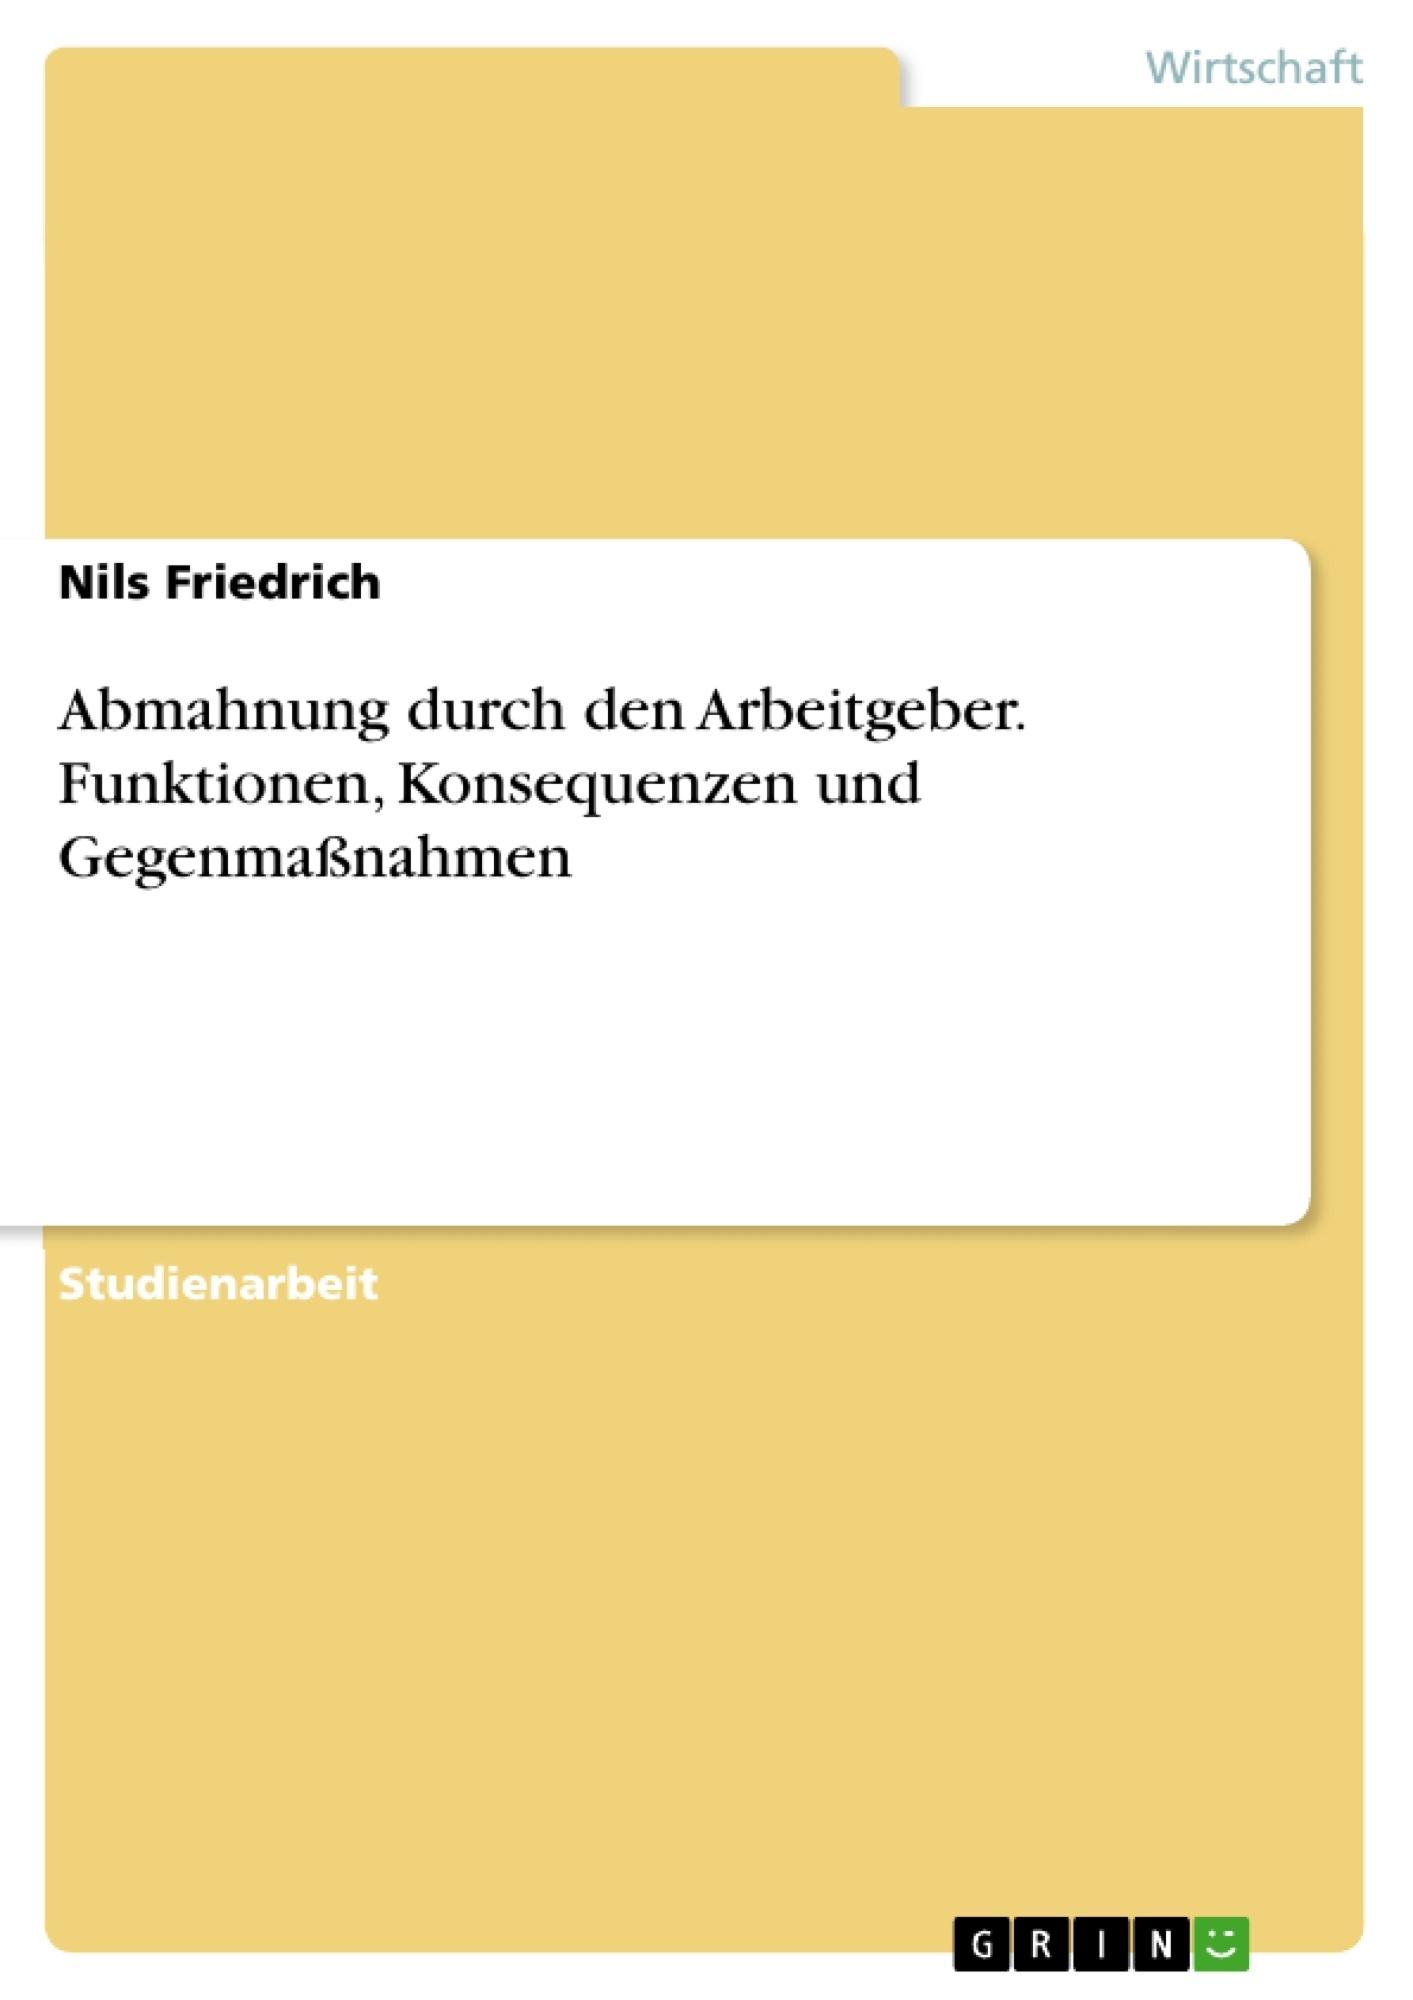 Titel: Abmahnung durch den Arbeitgeber. Funktionen, Konsequenzen und Gegenmaßnahmen